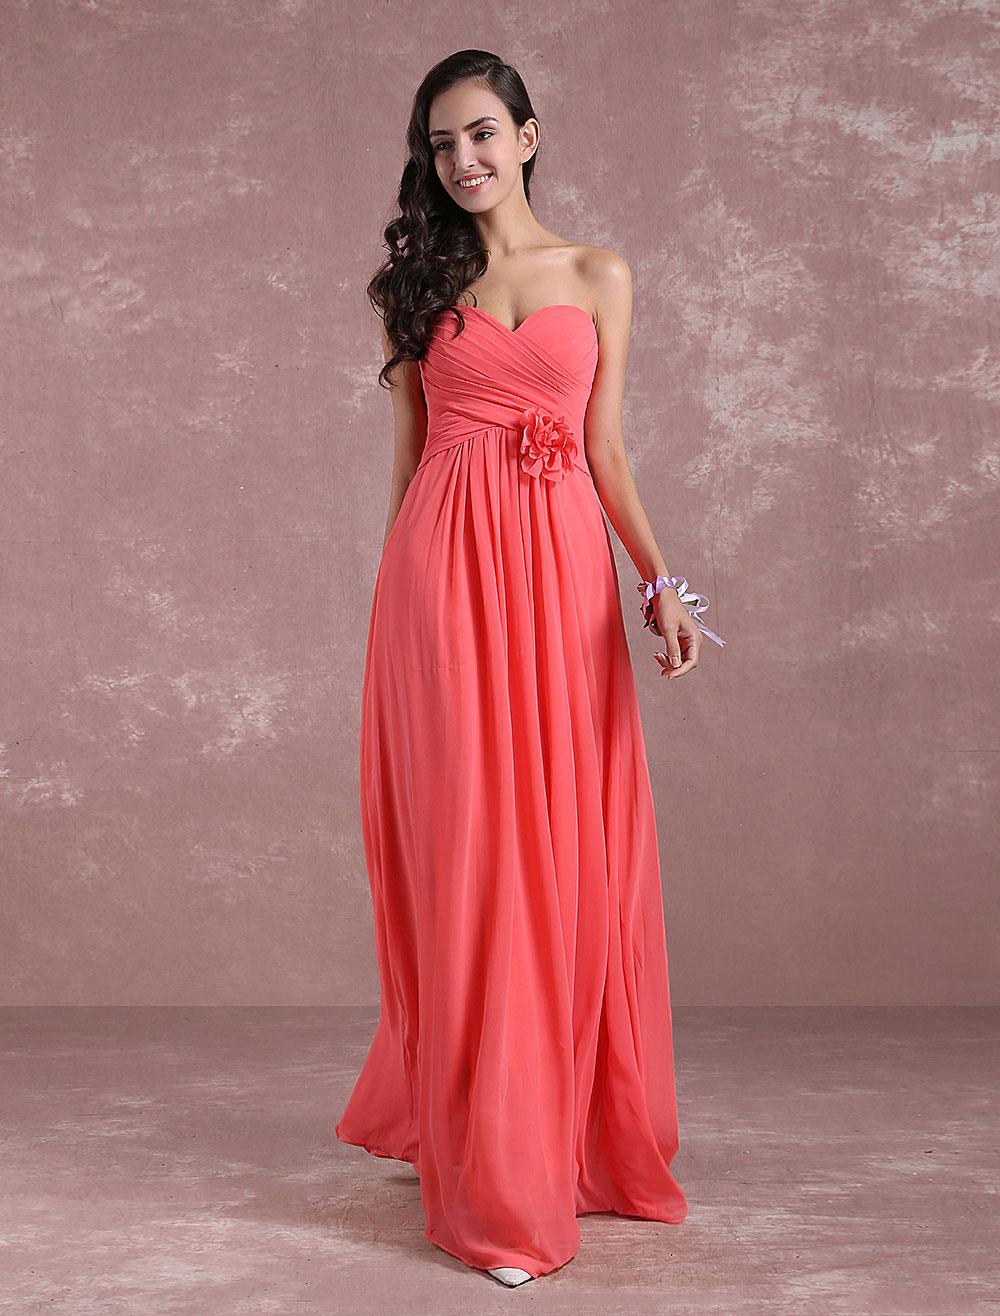 aa73c7bf7ca2 Damigella d onore Chiffon Prom abito corallo fiore senza spalline A linea  pavimento lunghezza partito ...